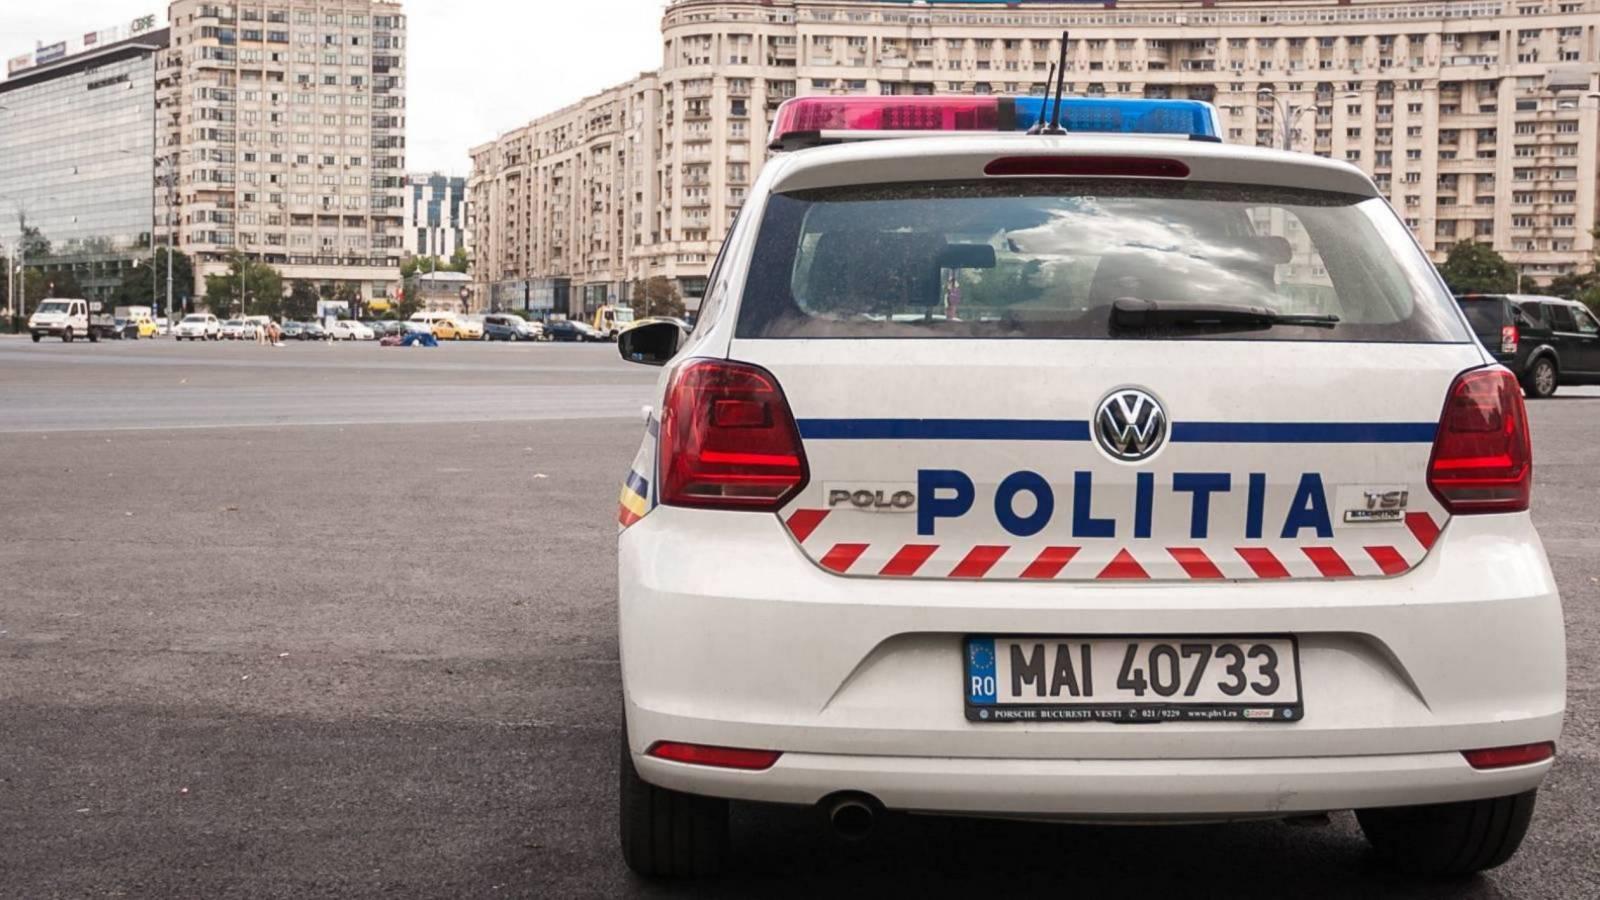 Politia Romana Supravegheaza in Continuare Autostrada A2 din Elicopter